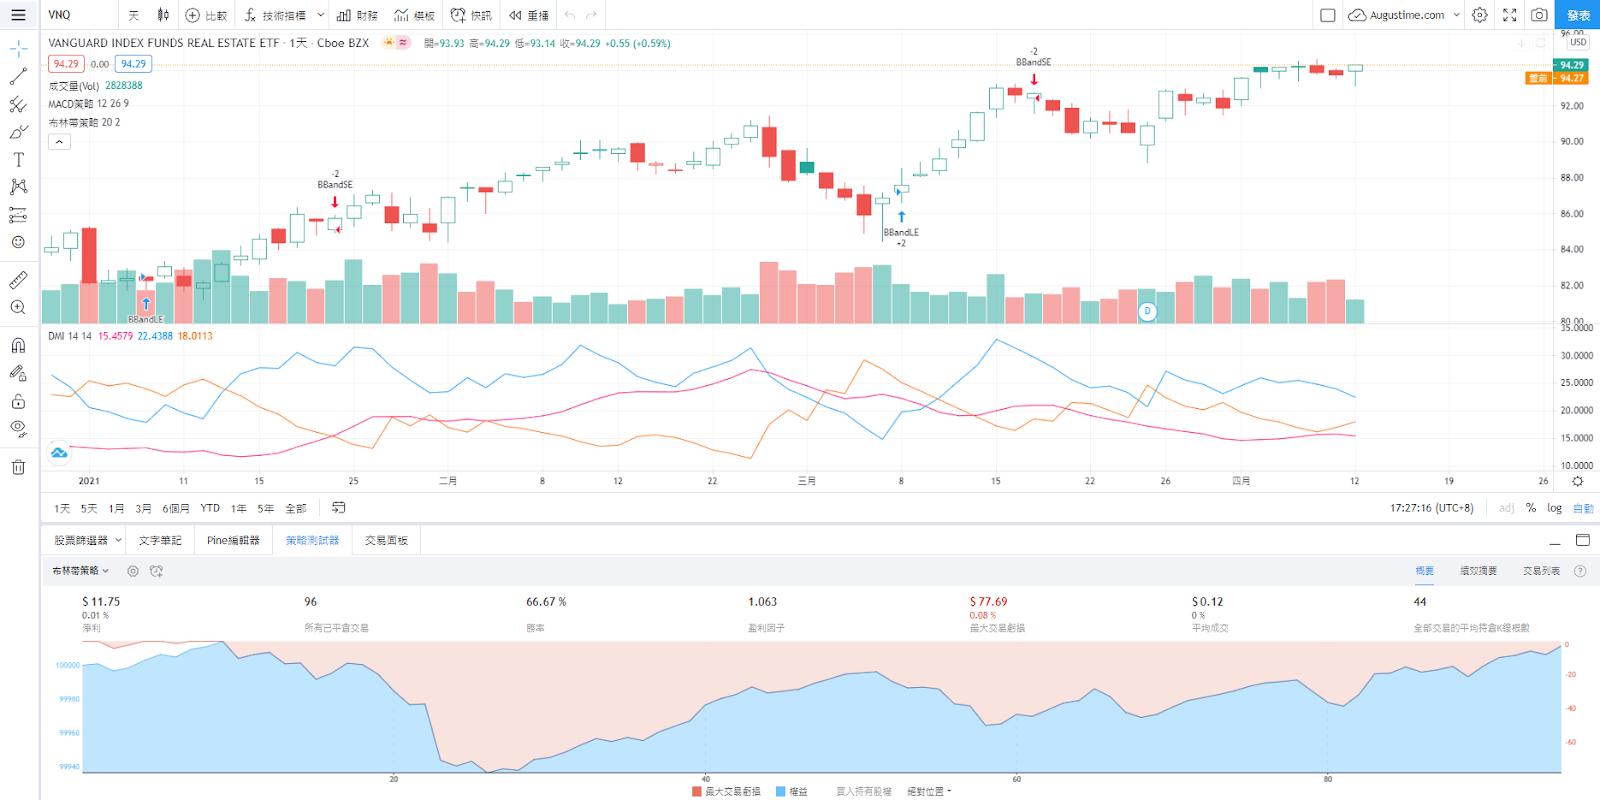 VNQ股價走勢圖與K線圖